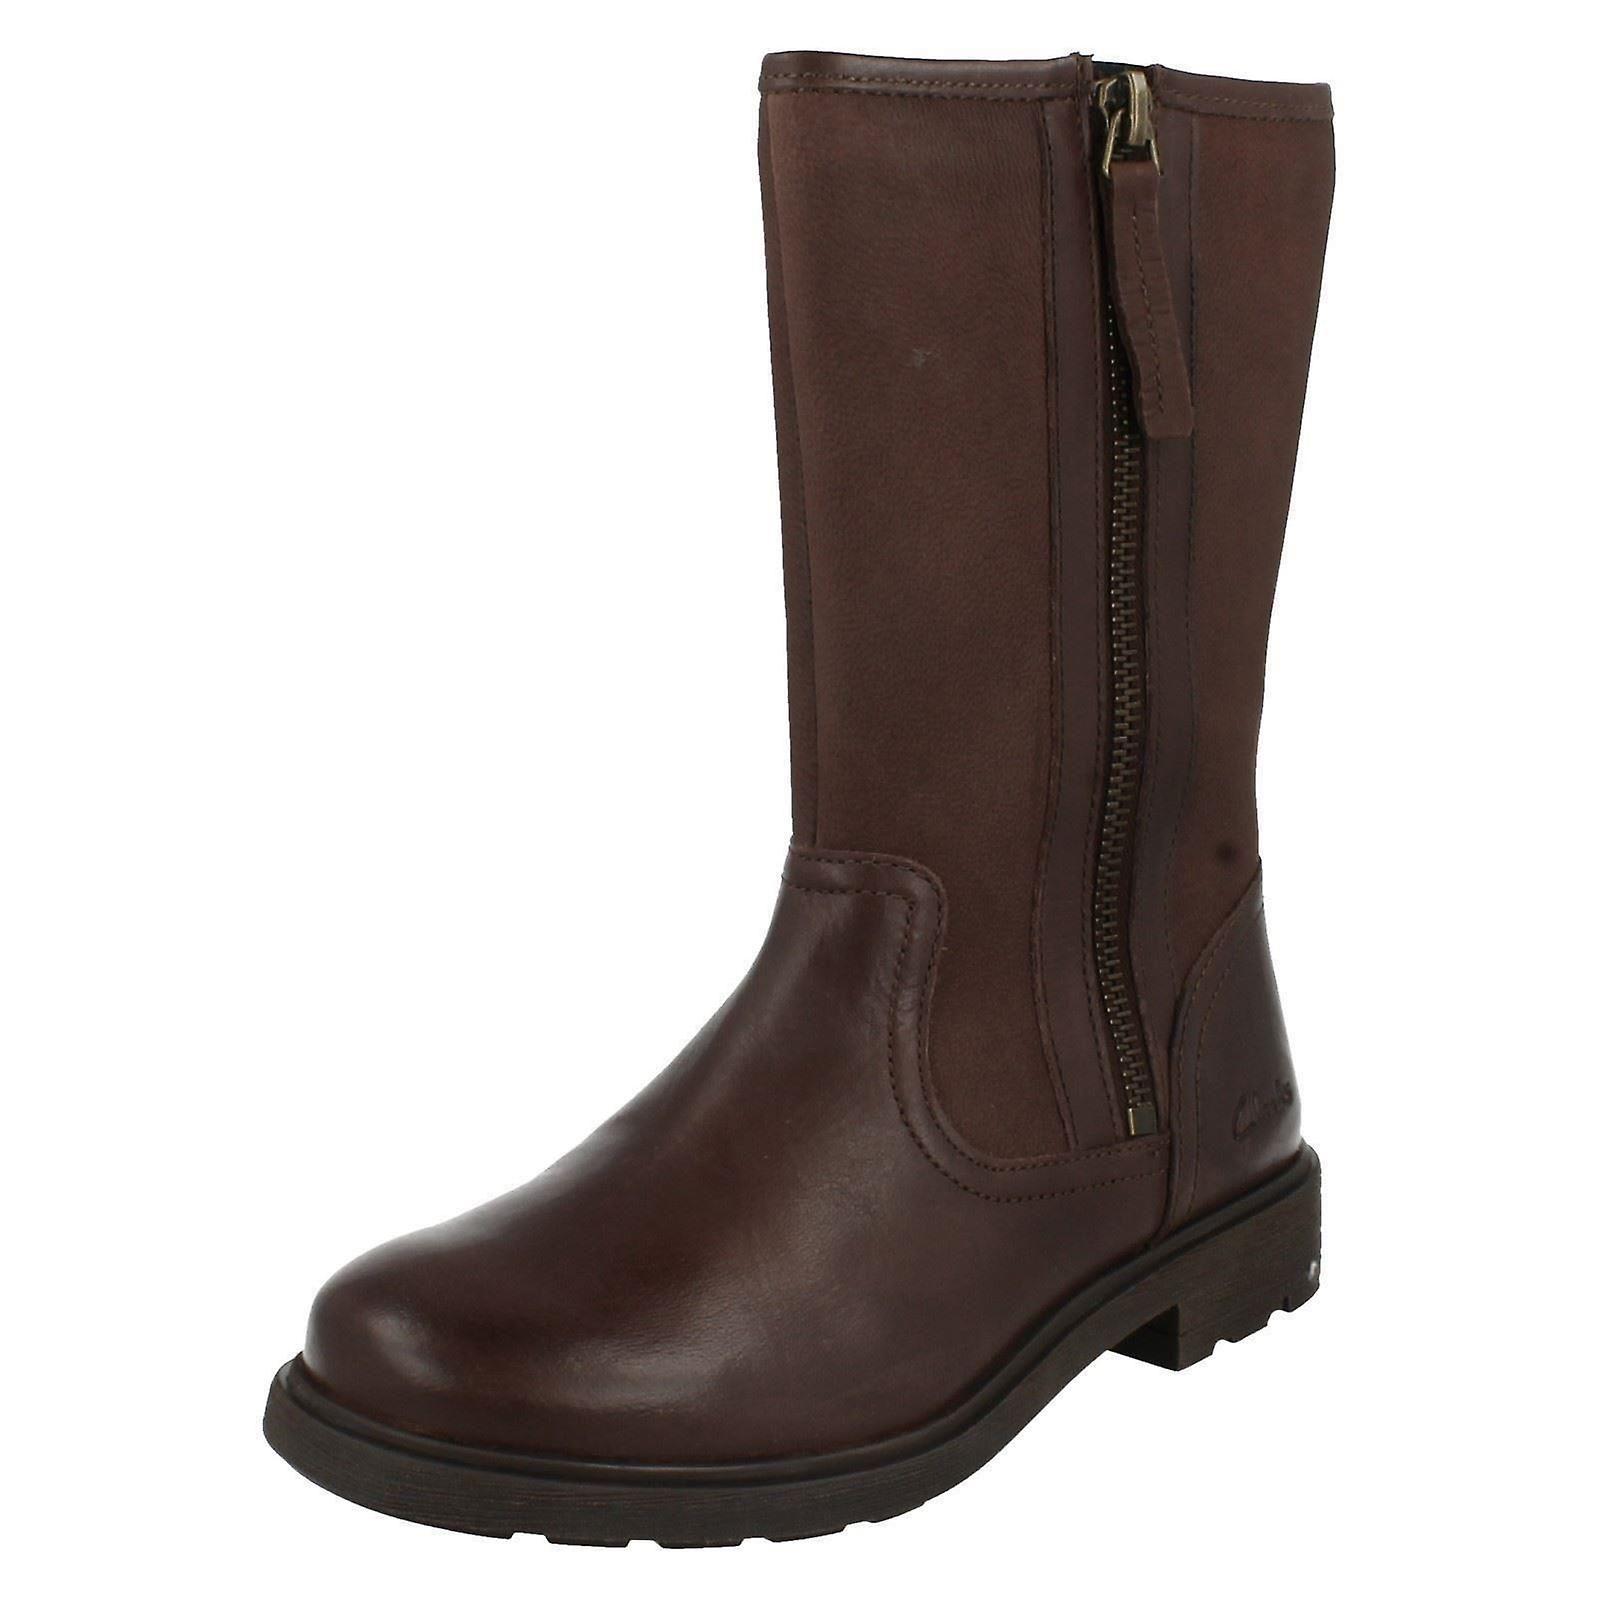 Girls Clarks bottes Ines Rain marron Taille 10.5 F